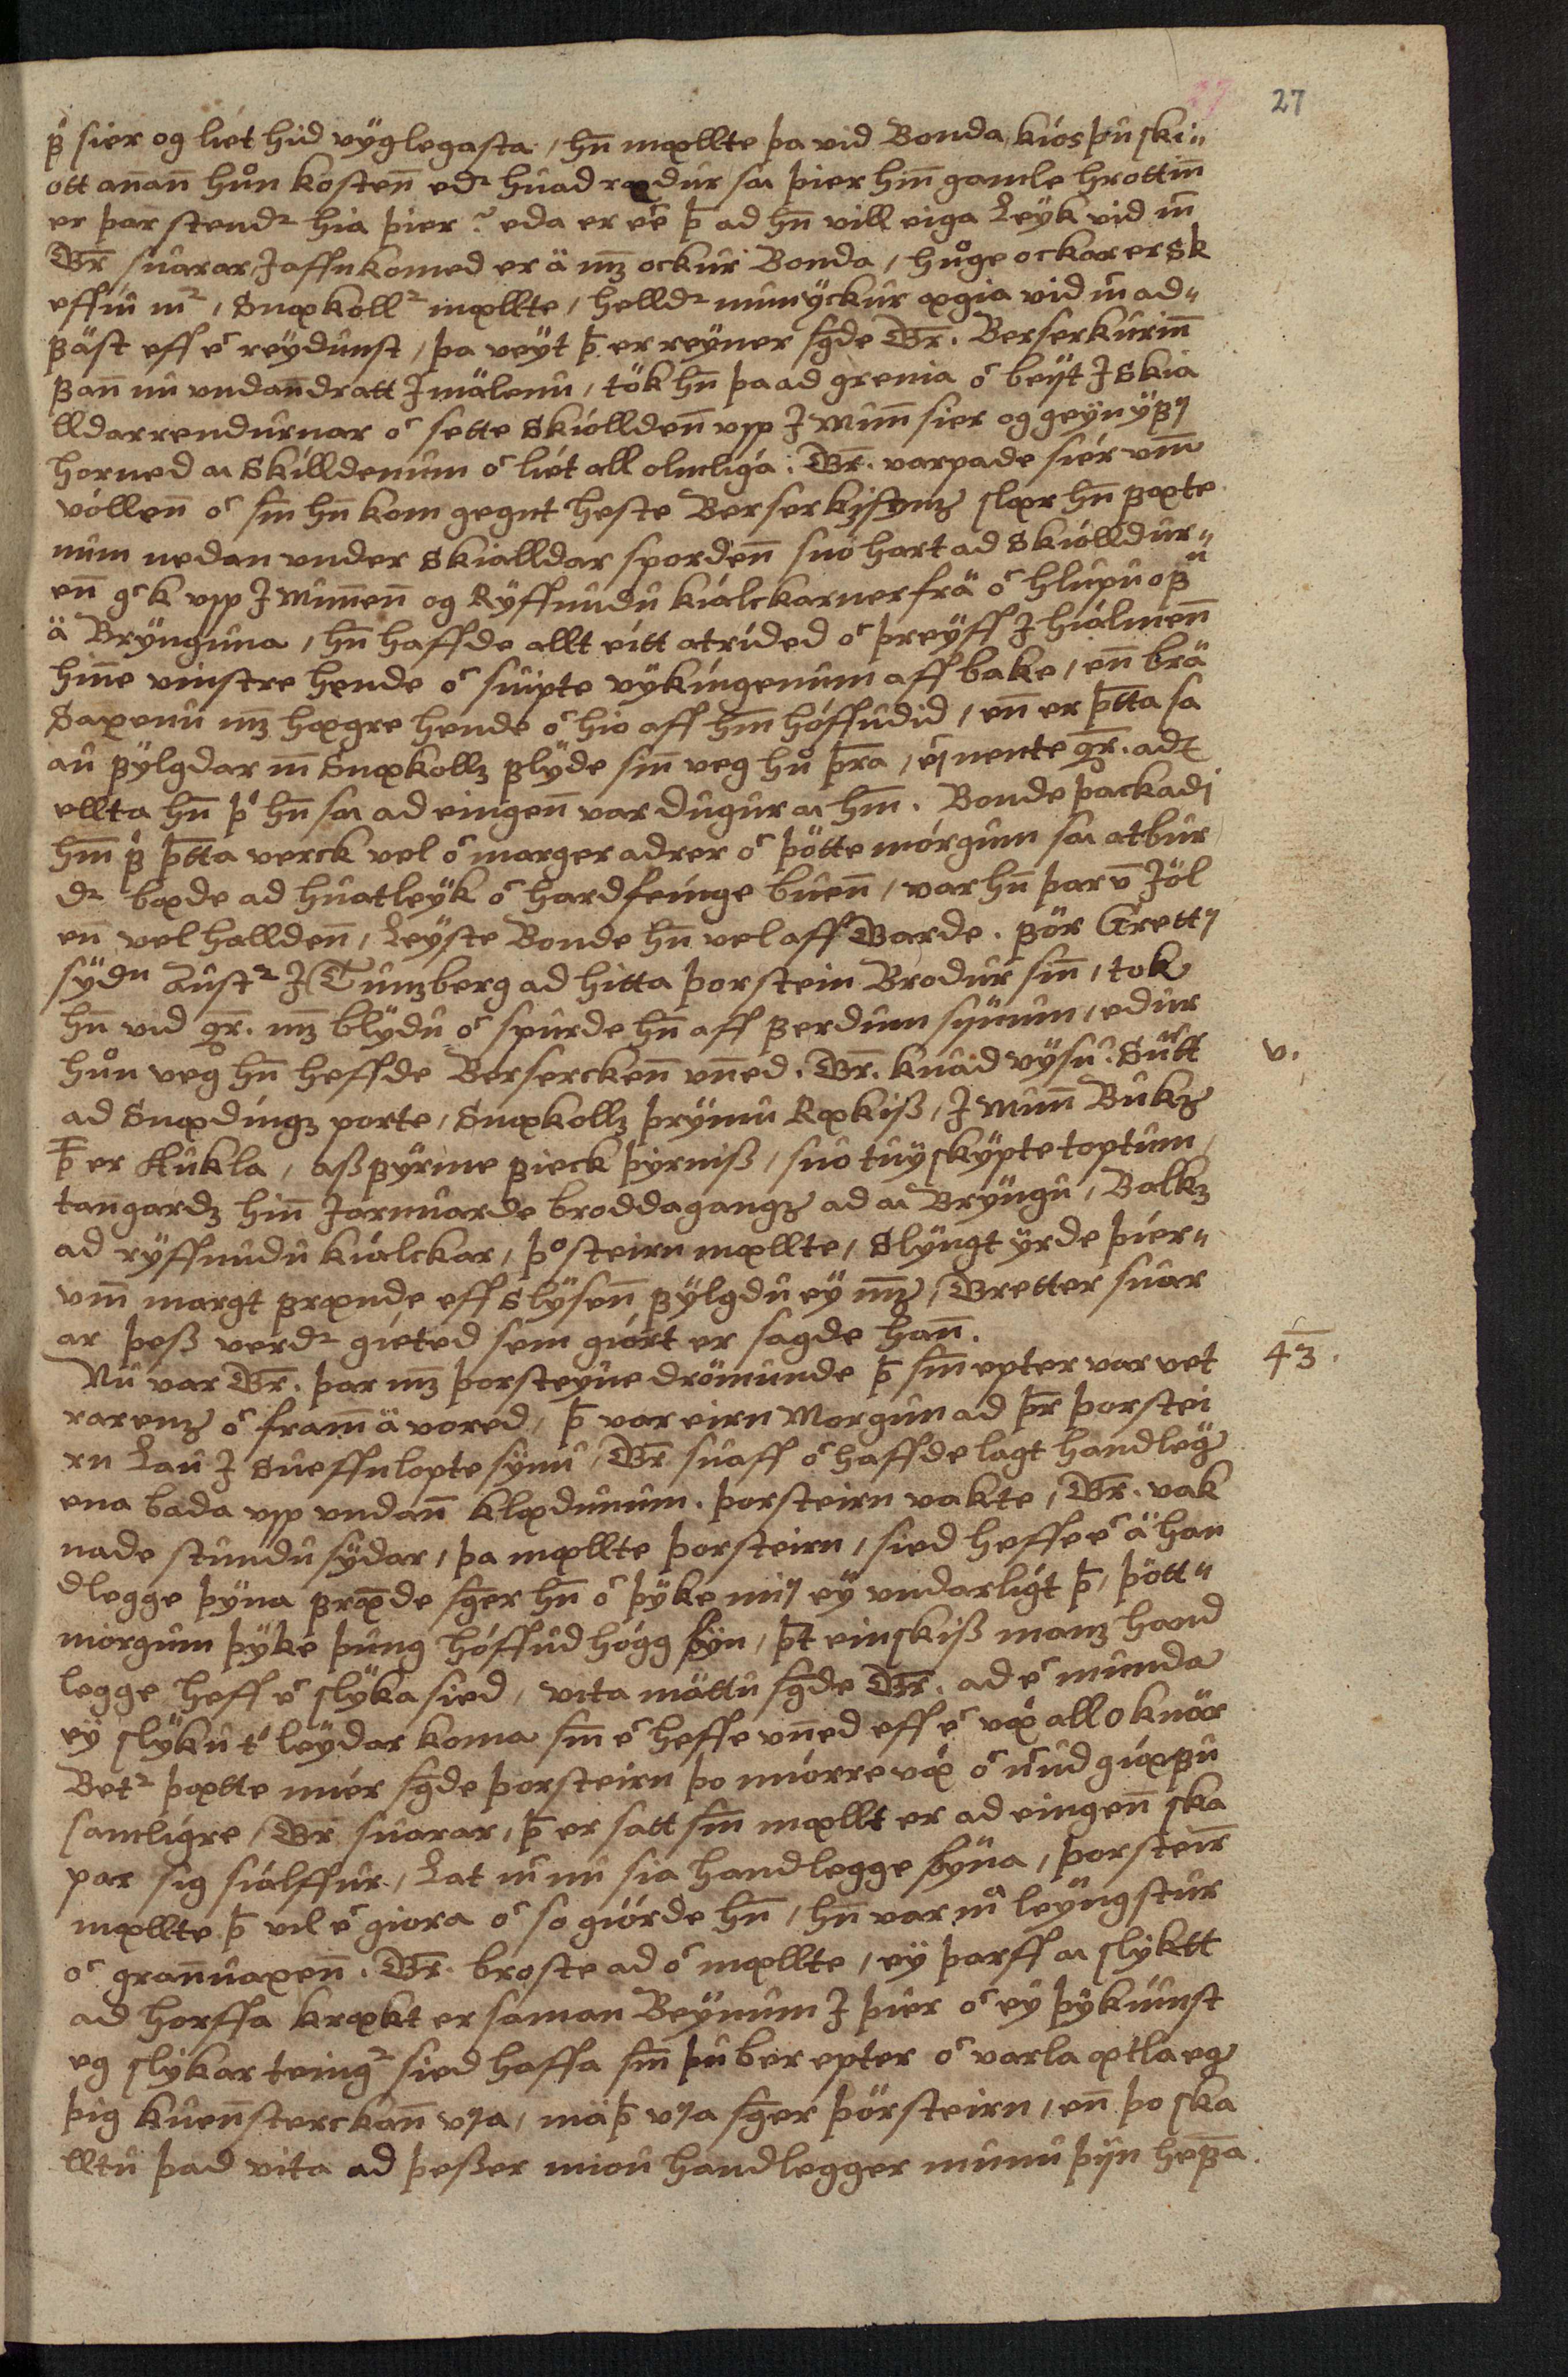 AM 151 fol - 27r